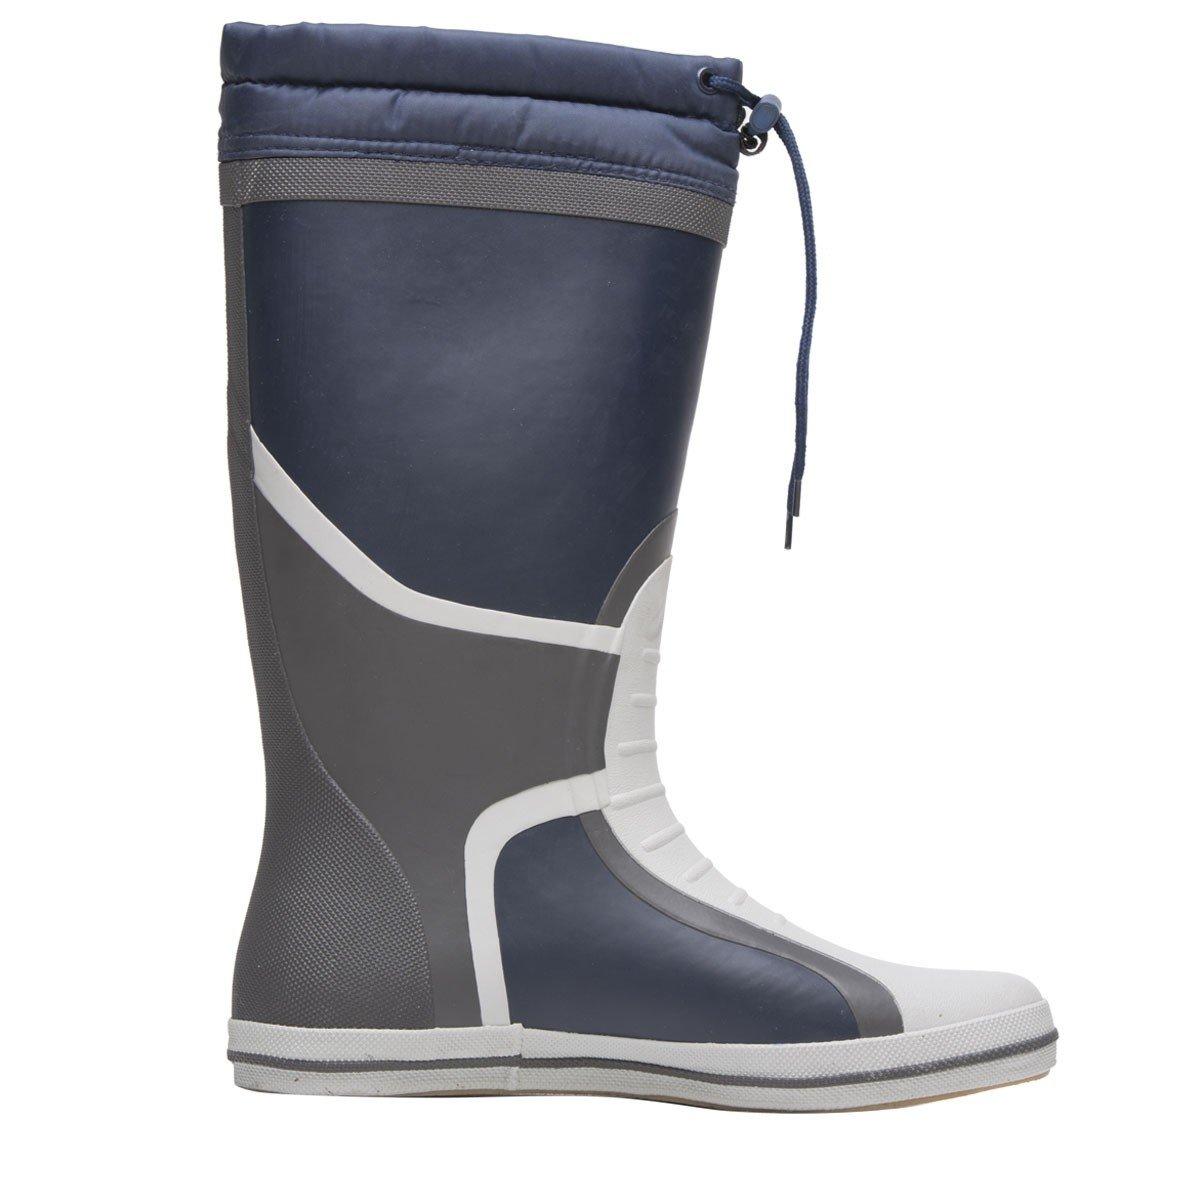 Gull Full Deck Boots   Gm0164-A3